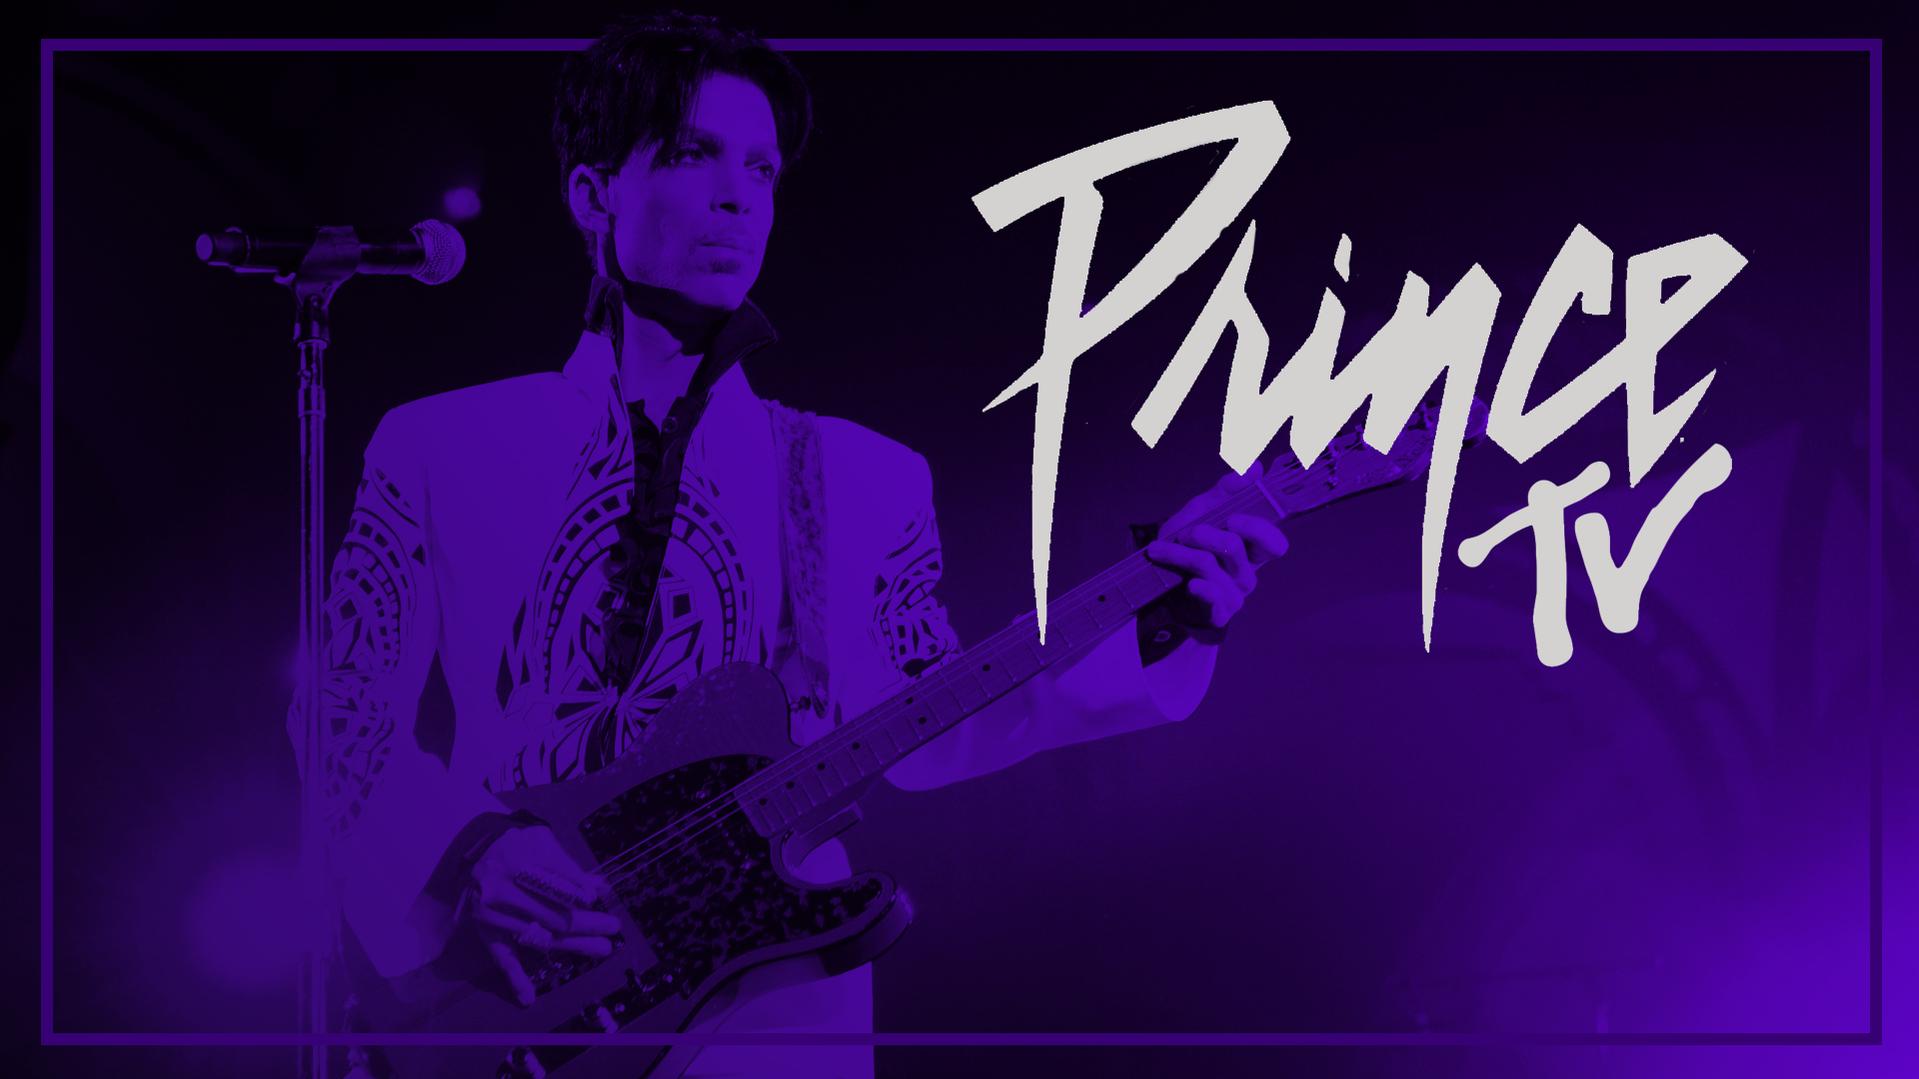 Trueskool-Prince-TV-1080x1920.png